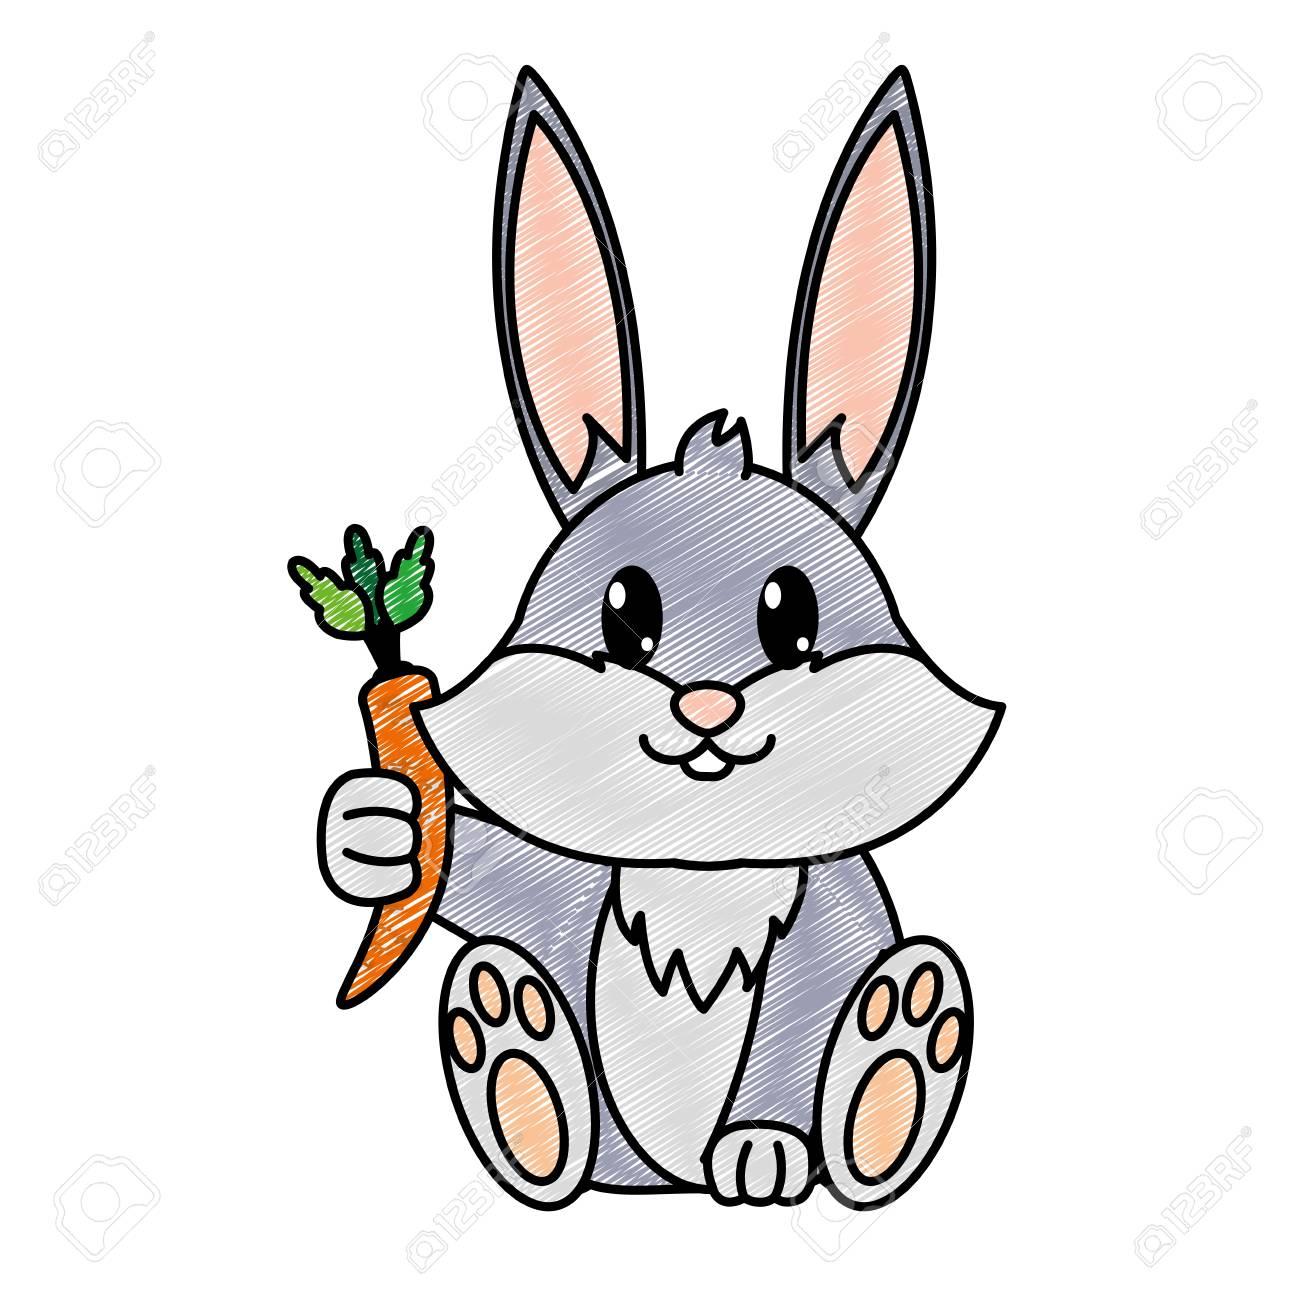 Adorable Animal Salvaje Conejo Rallado Con Zanahoria En La Mano Ilustracion Vectorial Ilustraciones Vectoriales Clip Art Vectorizado Libre De Derechos Image 95412843 Las barritas para conejos vivanimals son sabrosas y divertidas. 123rf